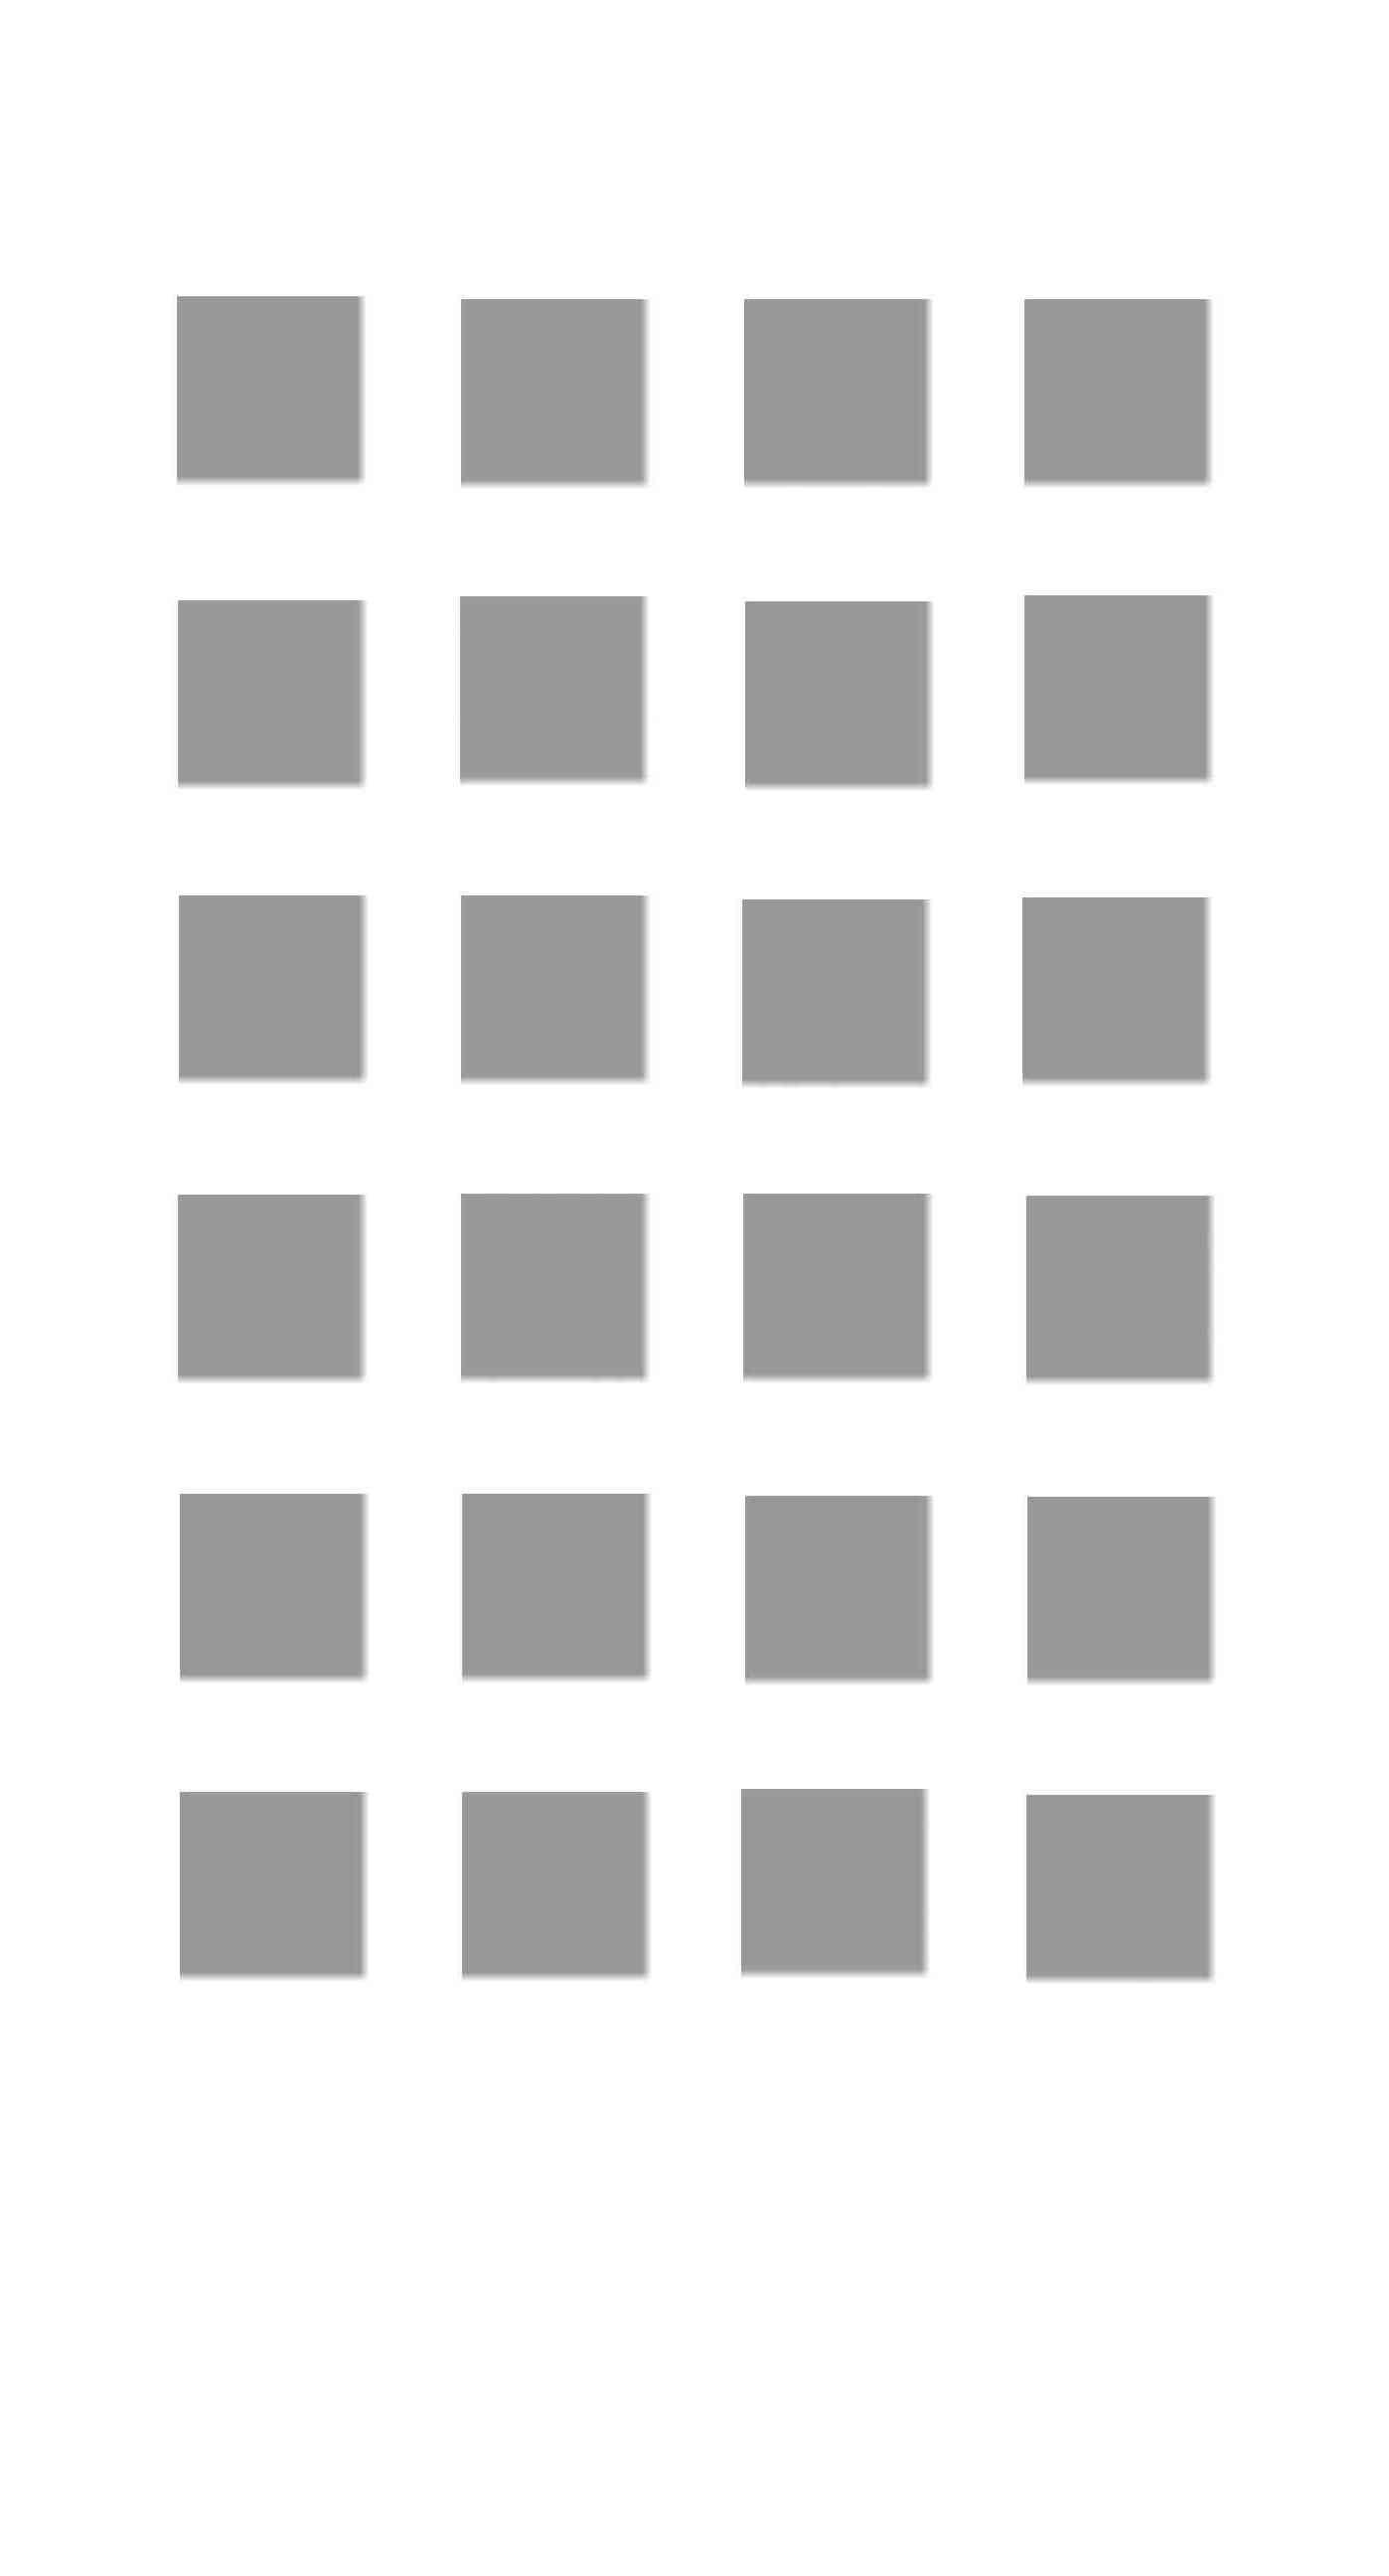 棚白黒シンプル Wallpaper Sc Iphone8plus壁紙